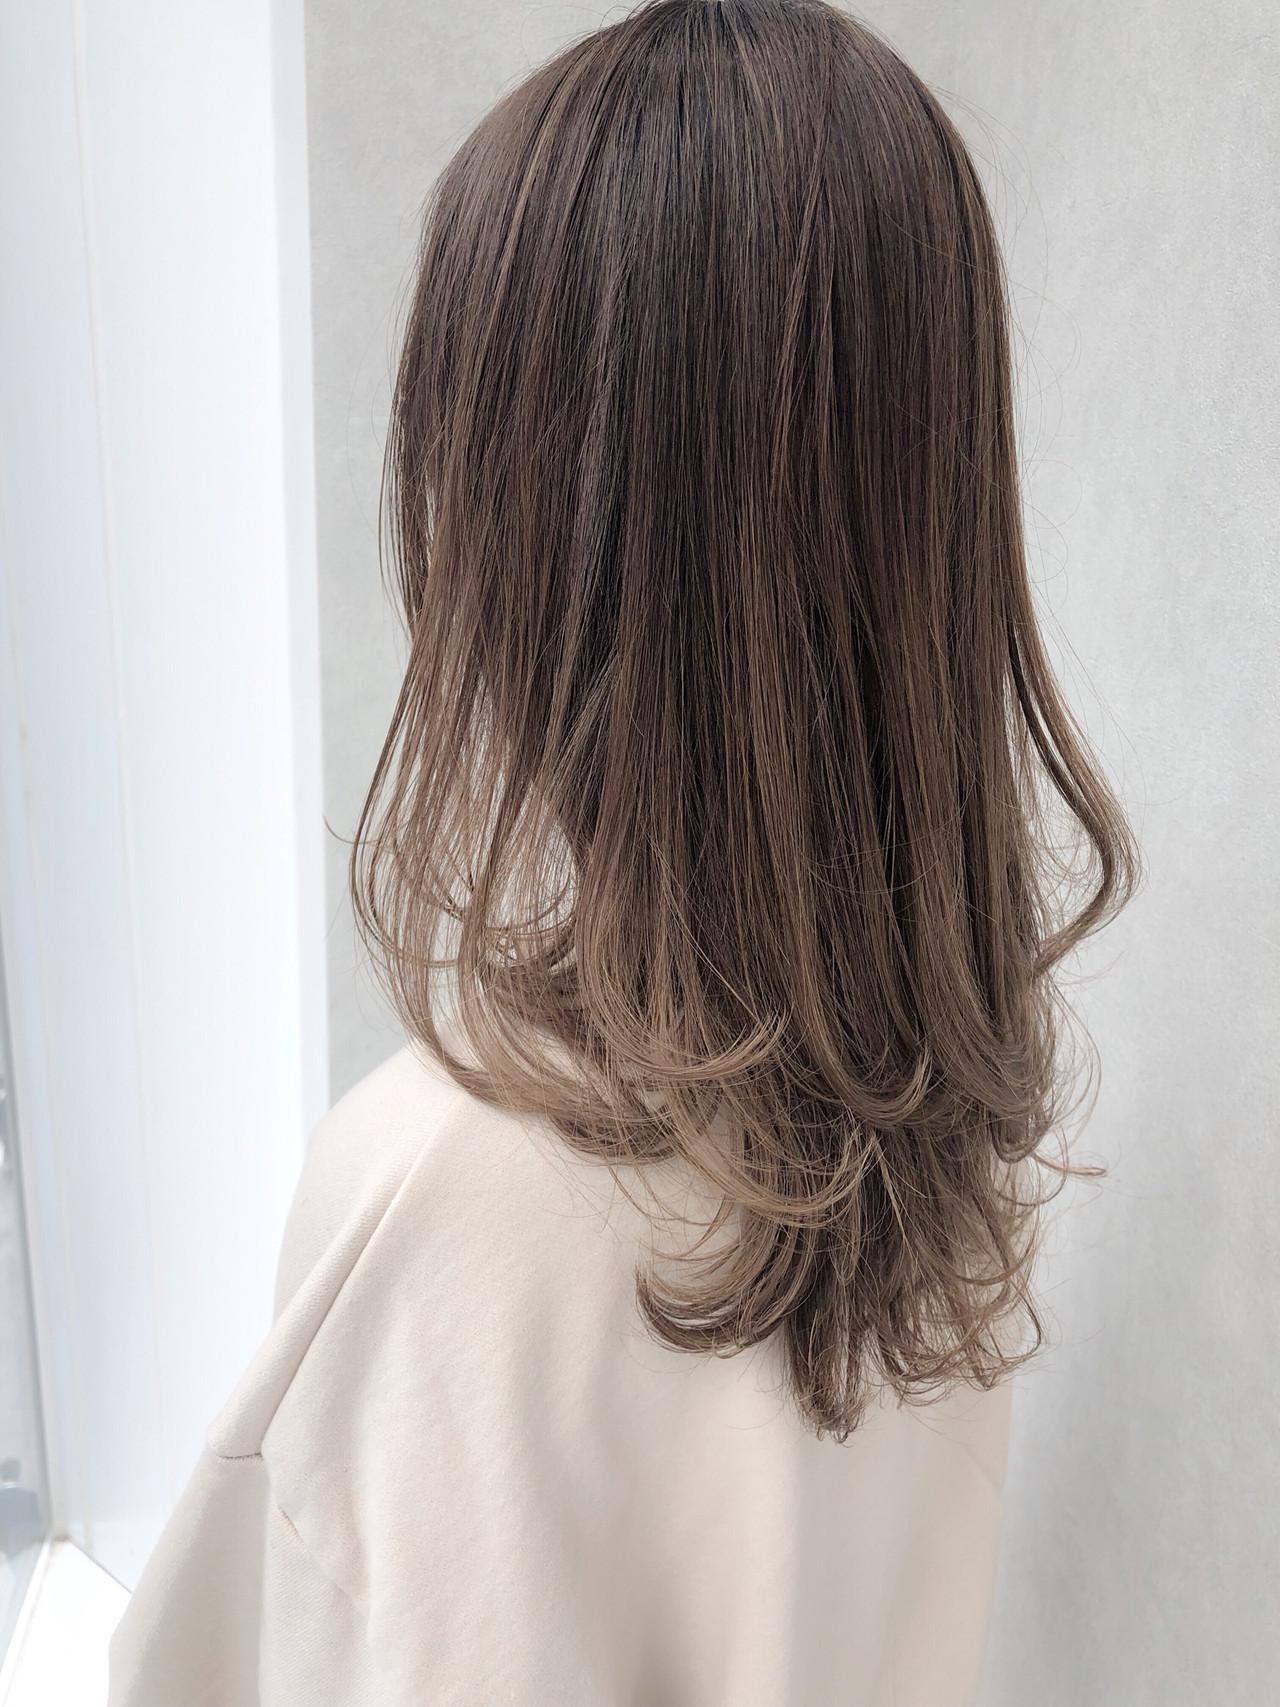 デート パーマ ロング オフィス ヘアスタイルや髪型の写真・画像